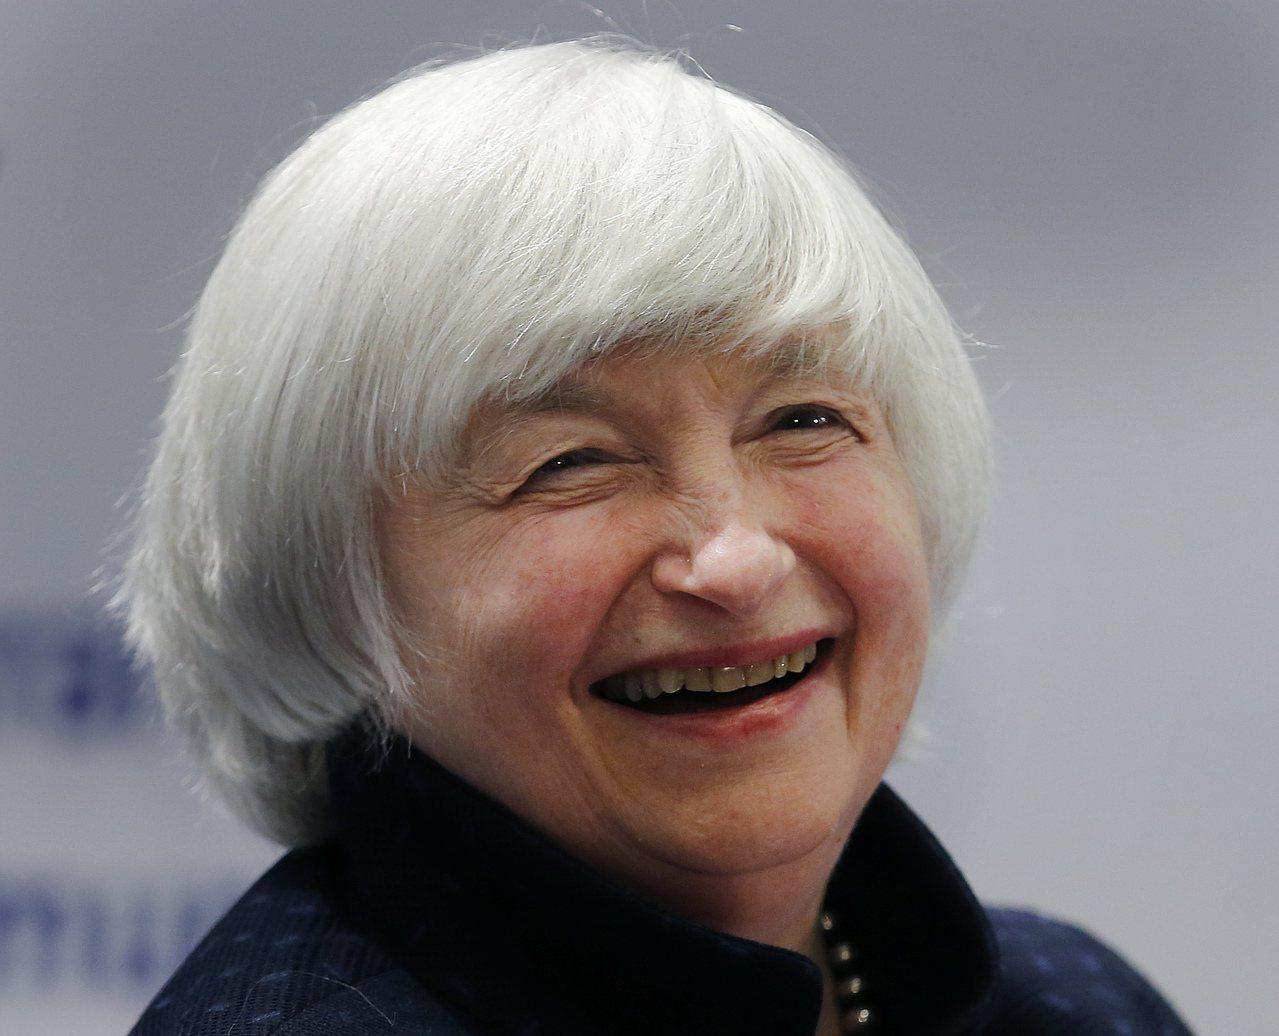 葉倫表示Fed不希望經濟大起大落,應維持漸進升息。(美聯社)